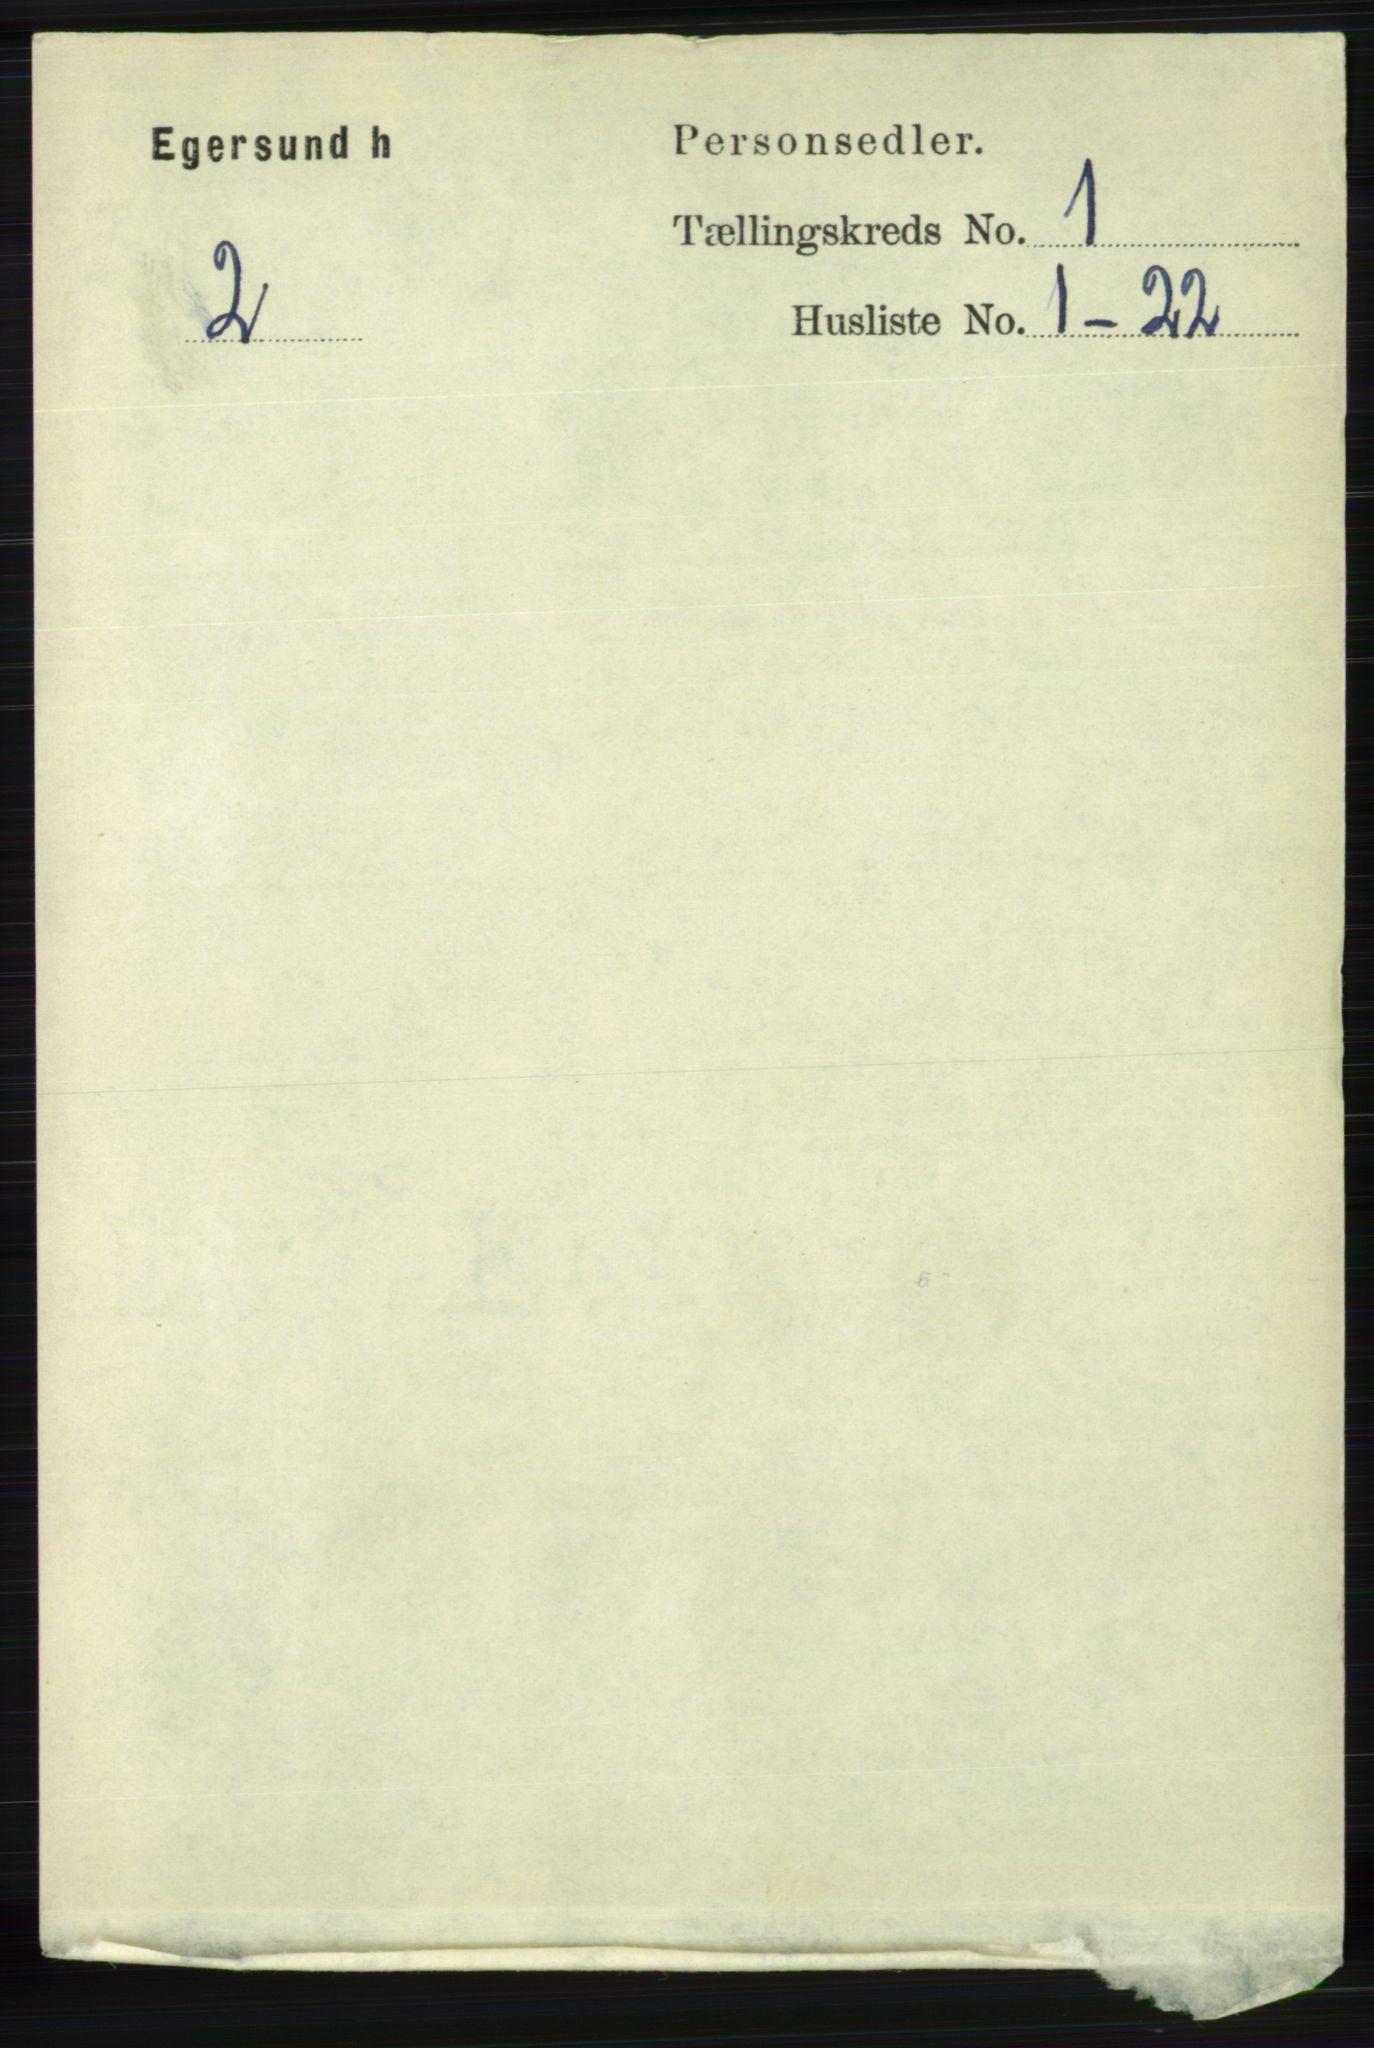 RA, Folketelling 1891 for 1116 Eigersund herred, 1891, s. 65